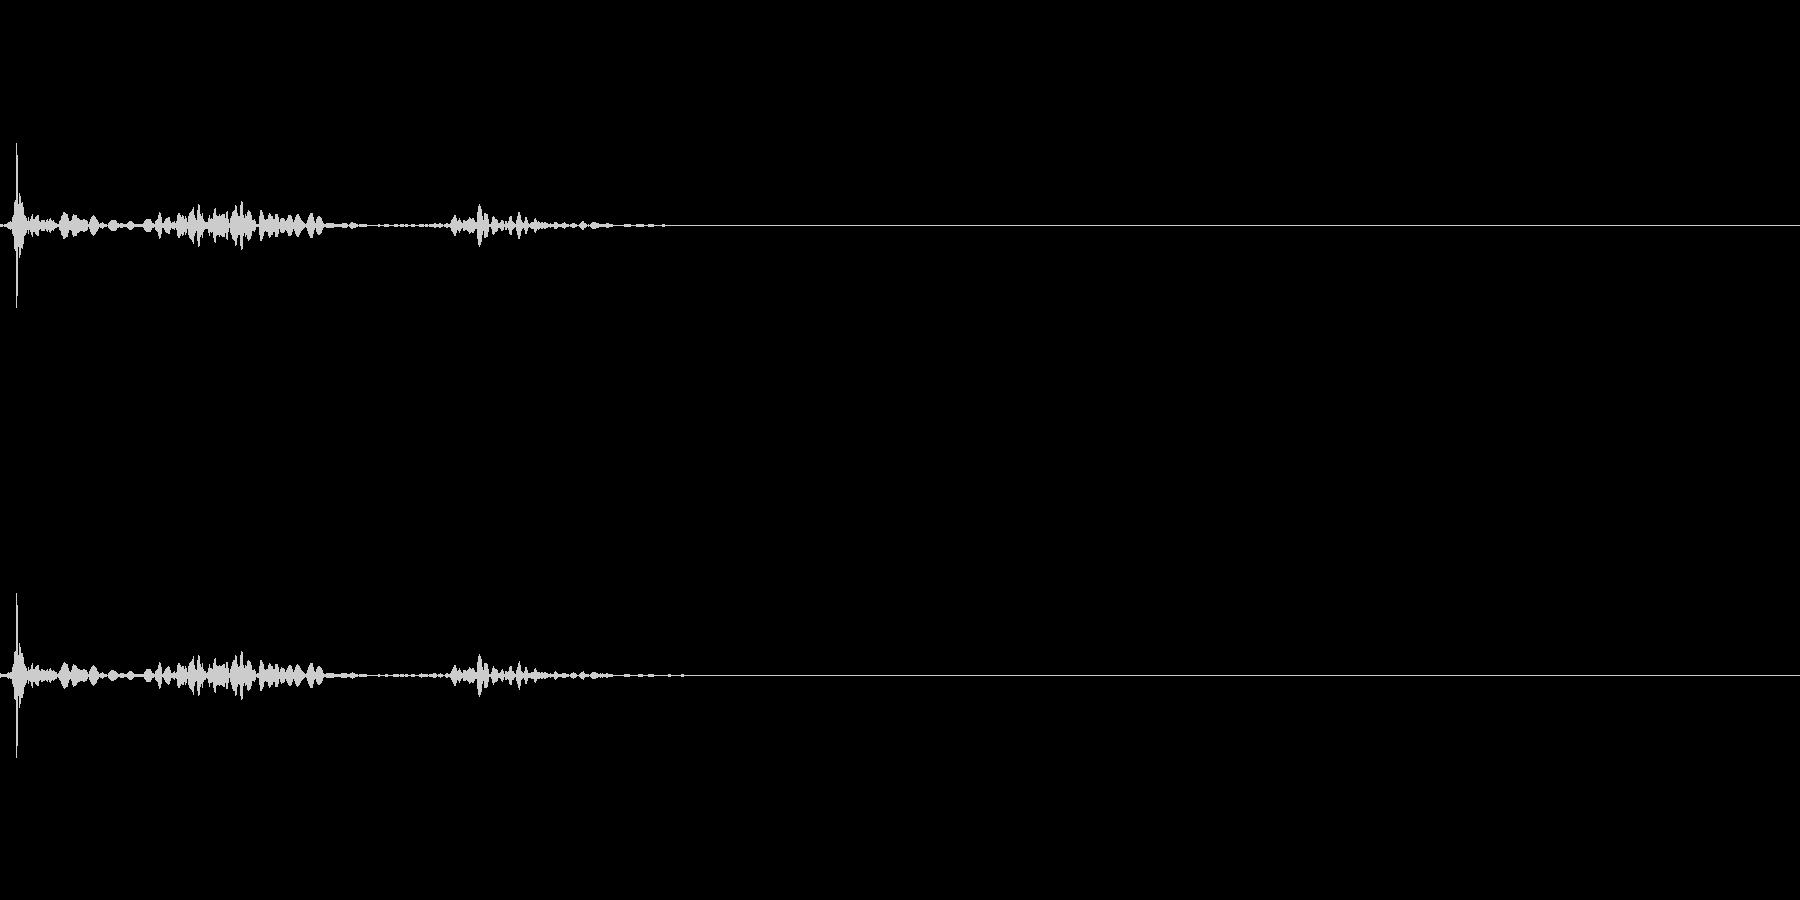 チェックボックスオン(ペン)_02の未再生の波形